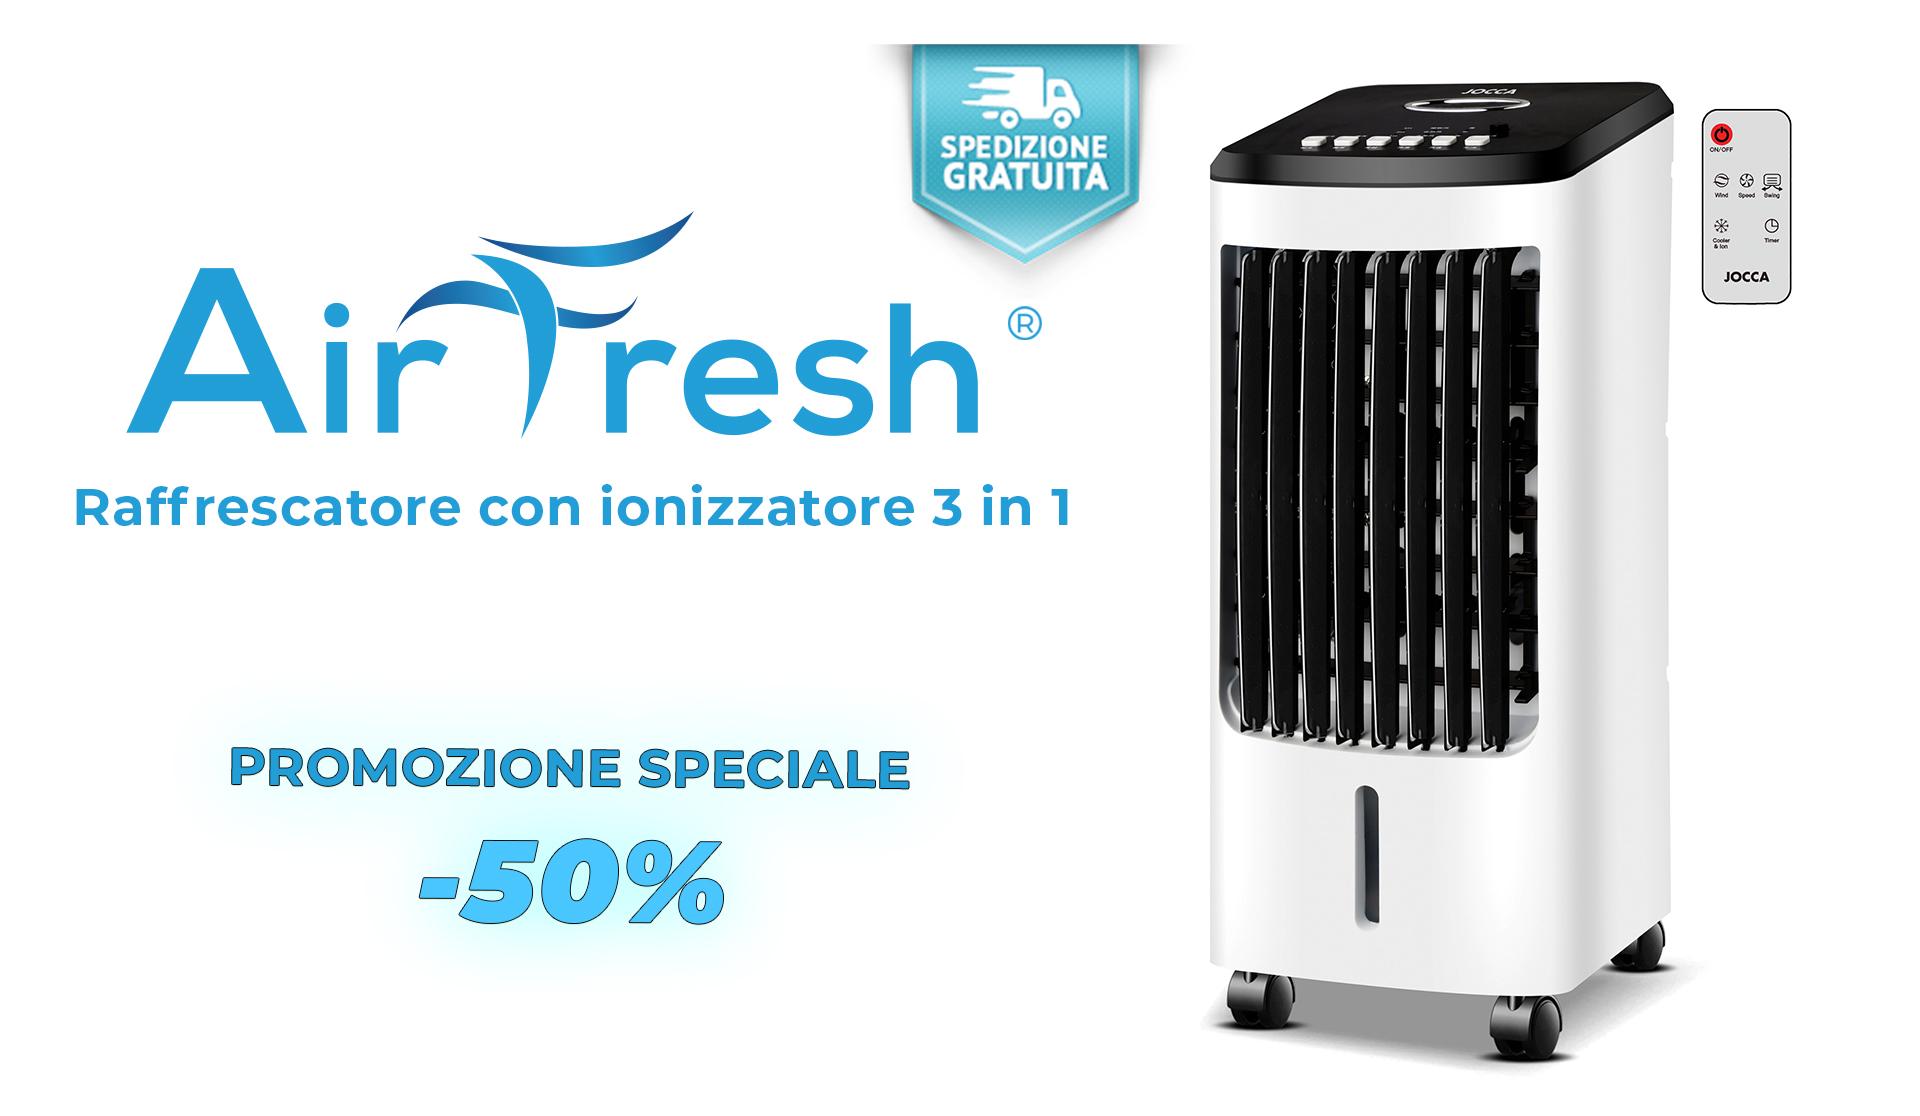 Condizionatore con ionizzatore, purificatore dell'aria e raffreddatore sarà il tuo alleato perfetto per l'estate.